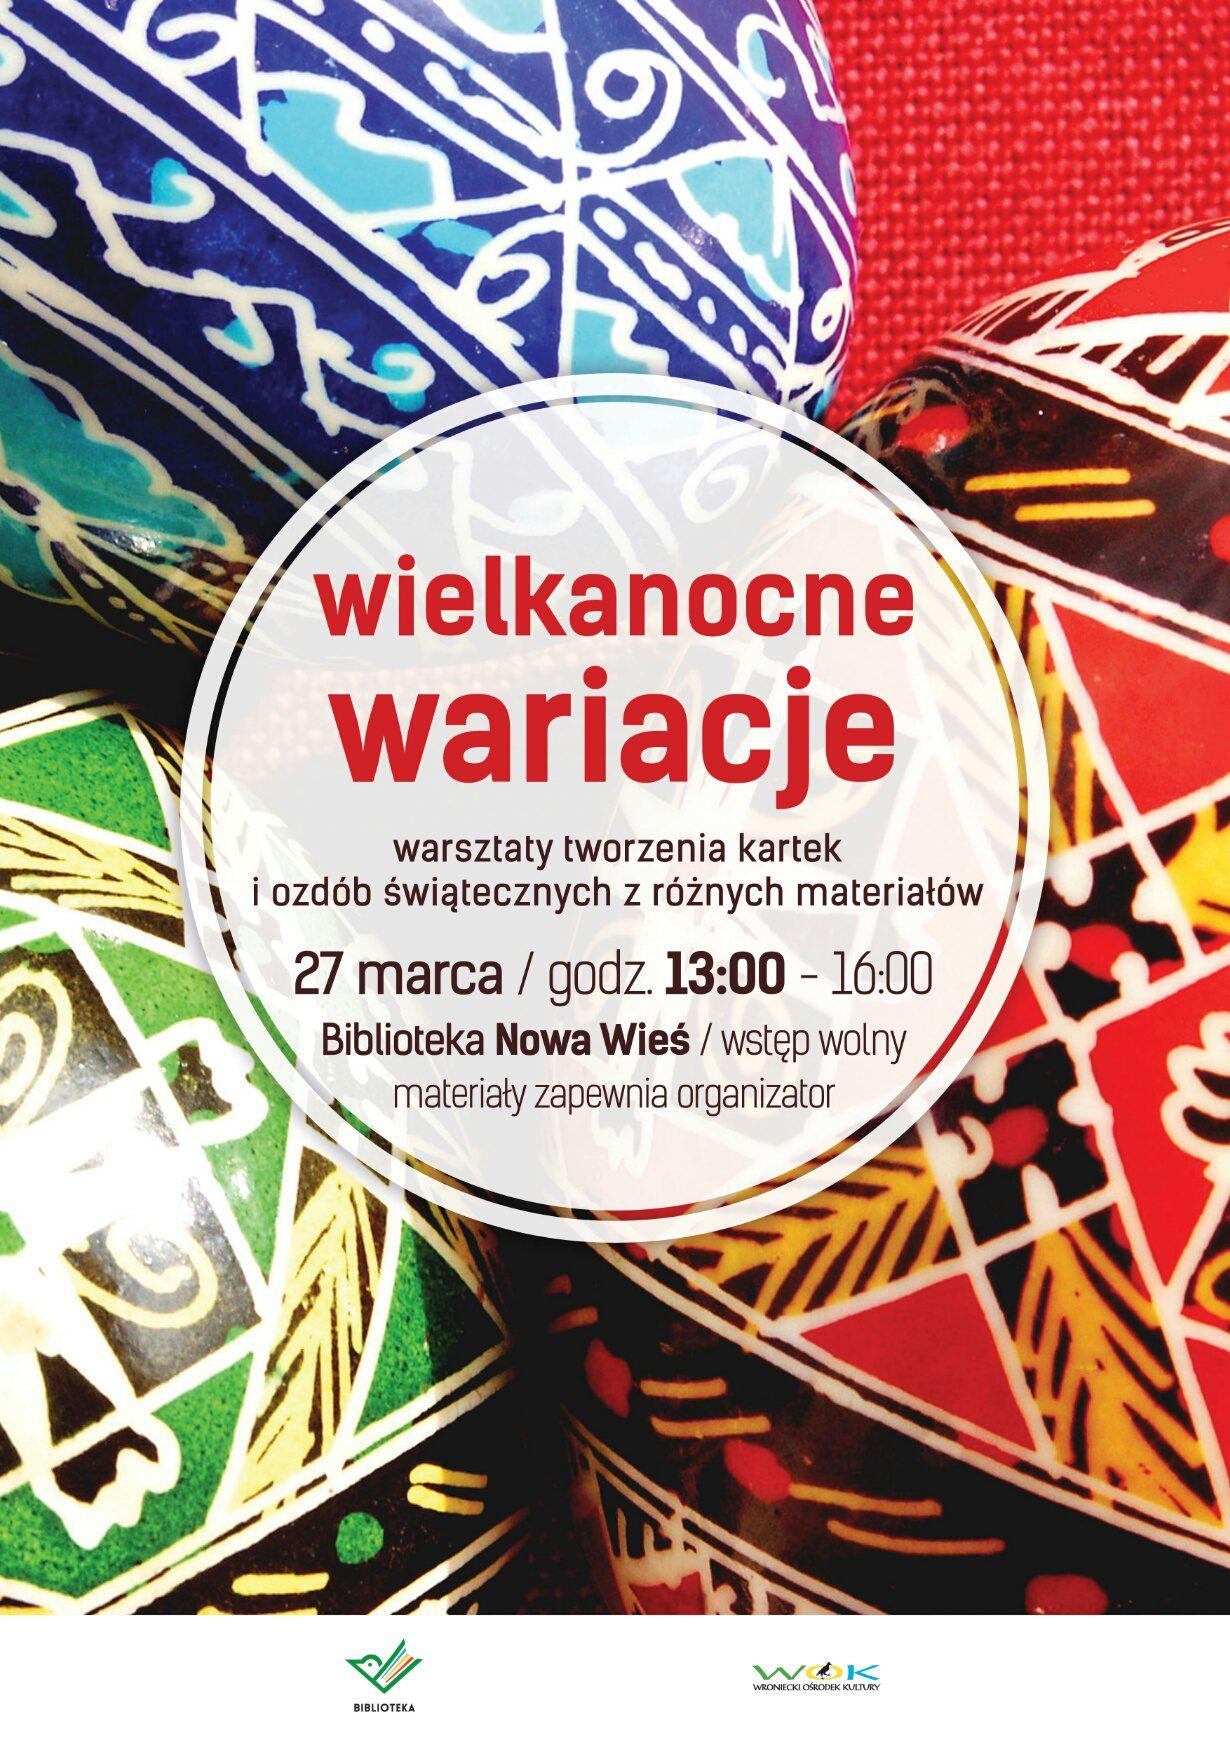 wielkanocne wariacje Bibliotece Nowa Wieś_20150325131541396